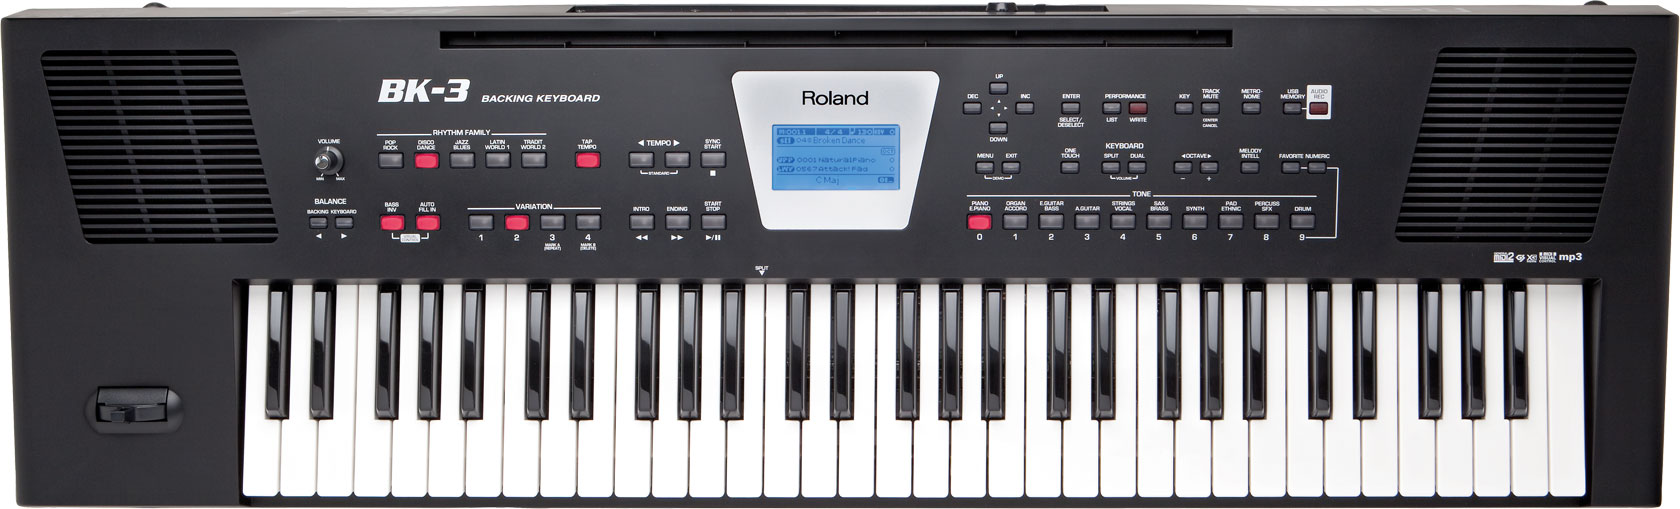 ROLAND BK-3.jpg